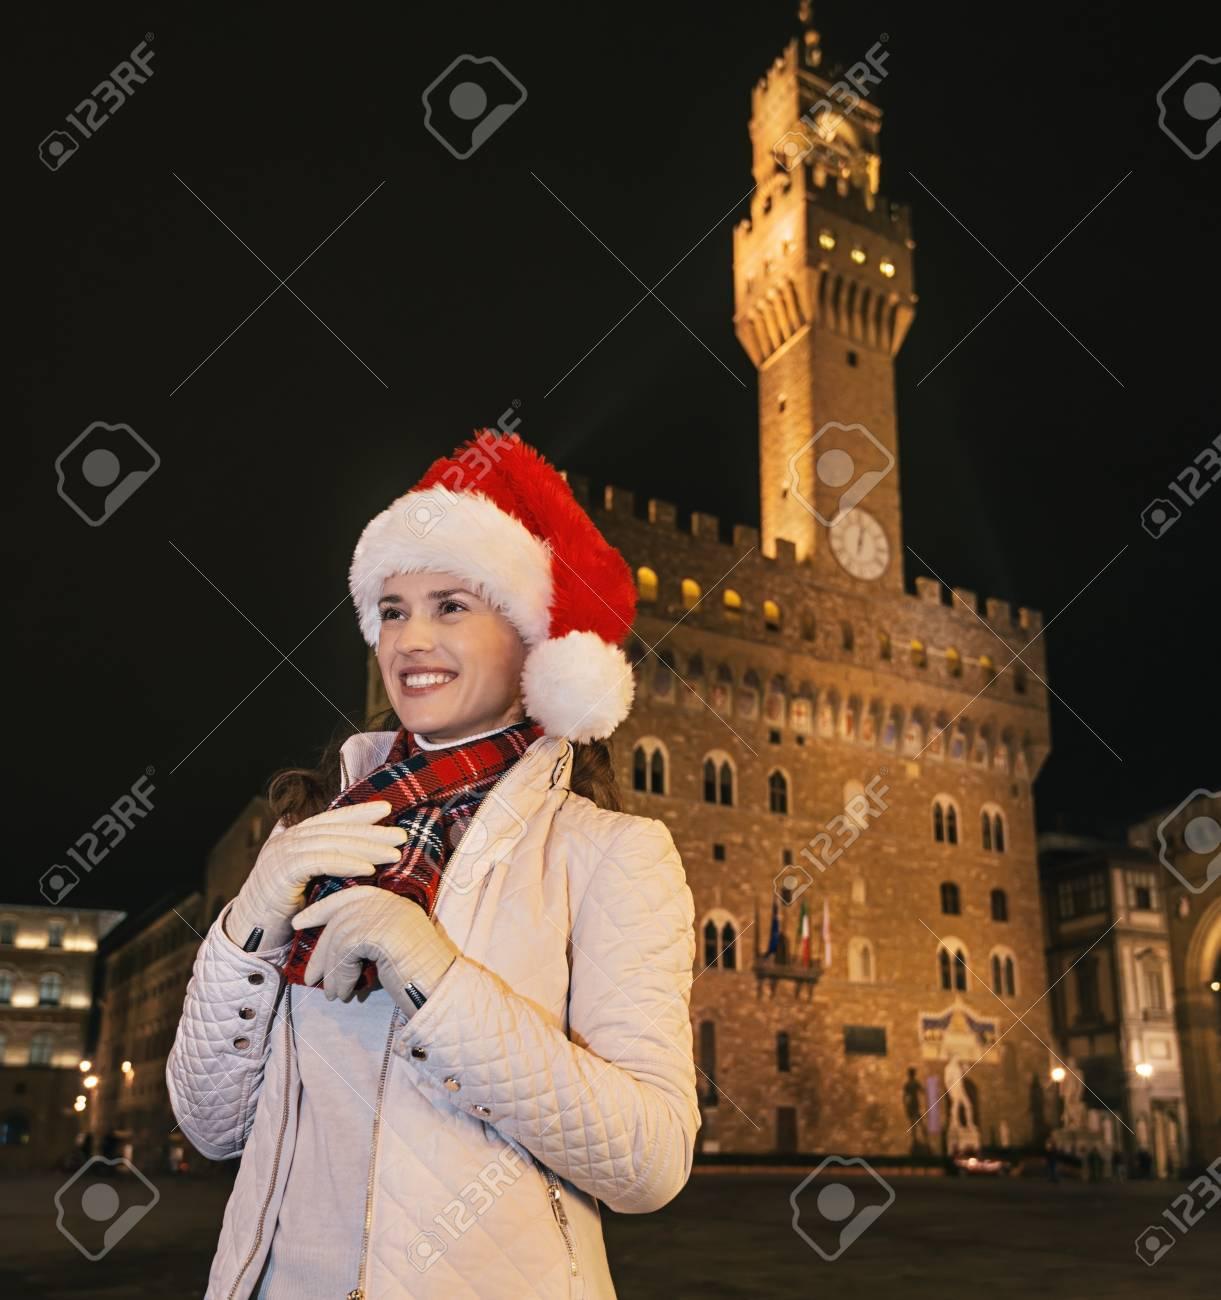 Trip Voller Inspiration In Der Weihnachtszeit In Florenz. Lächelnde ...